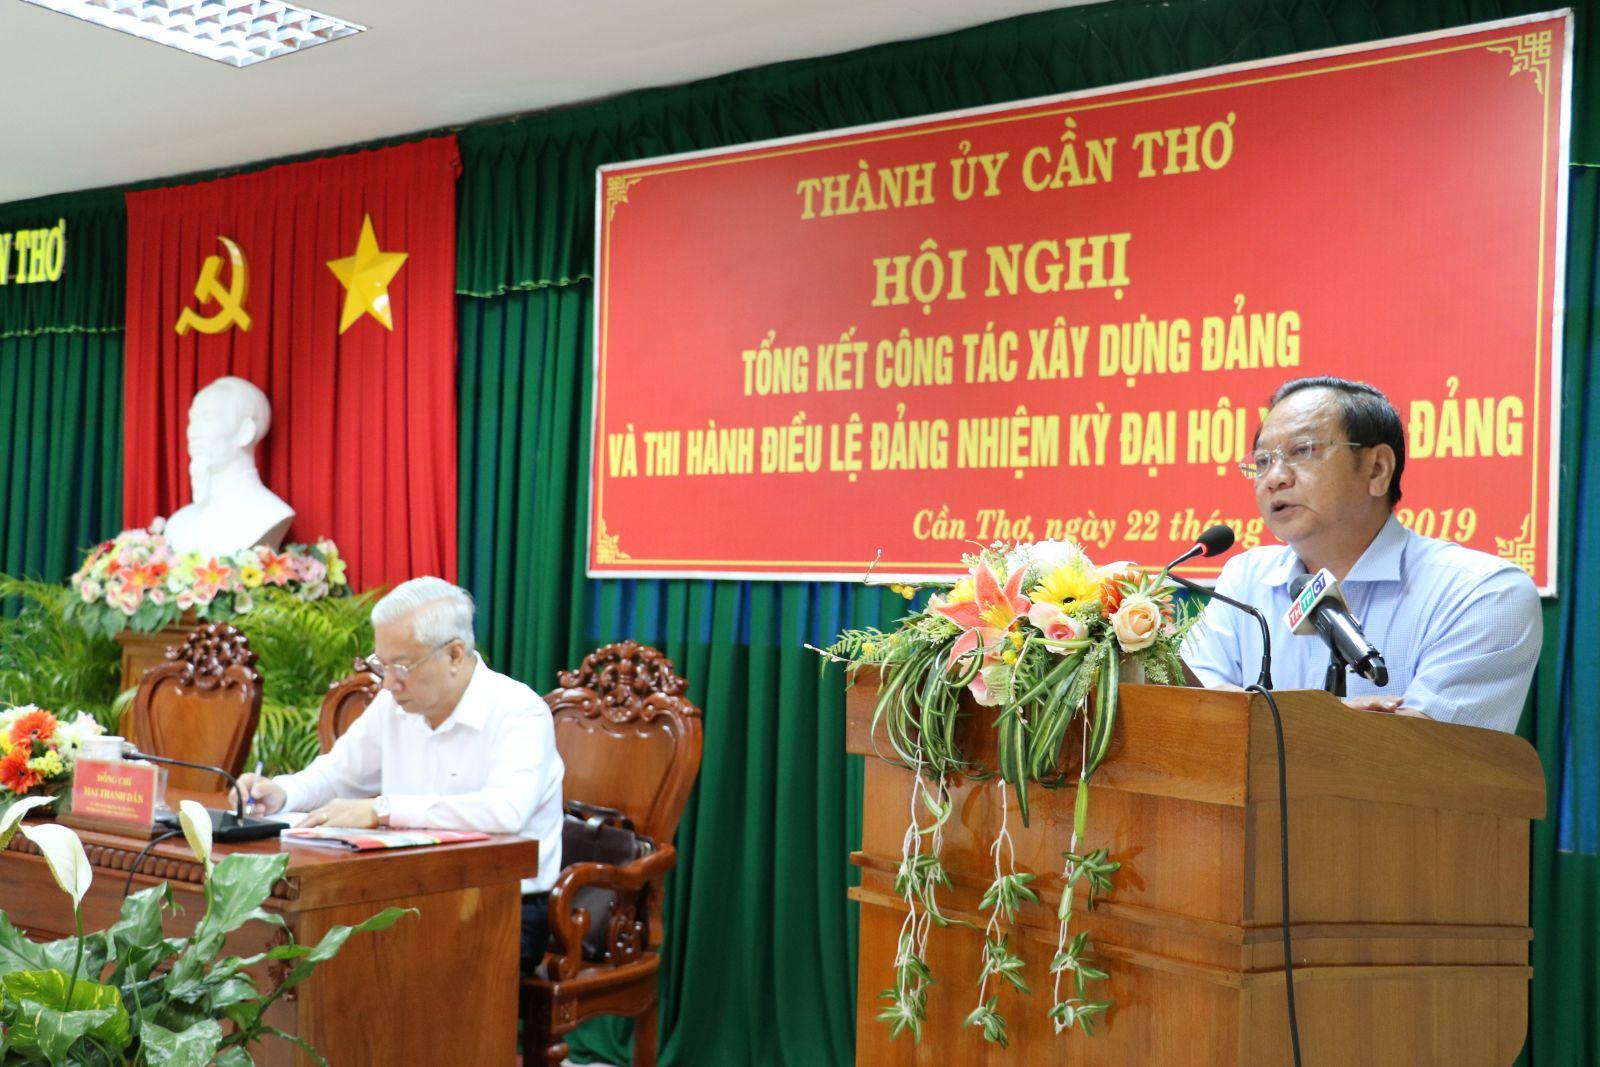 Đồng chí Trần Quốc Trung, Ủy viên Trung ương Đảng, Bí thư Thành ủy Cần Thơ phát biểu chỉ đạo tại Hội nghị. Ảnh: Q. THÁI